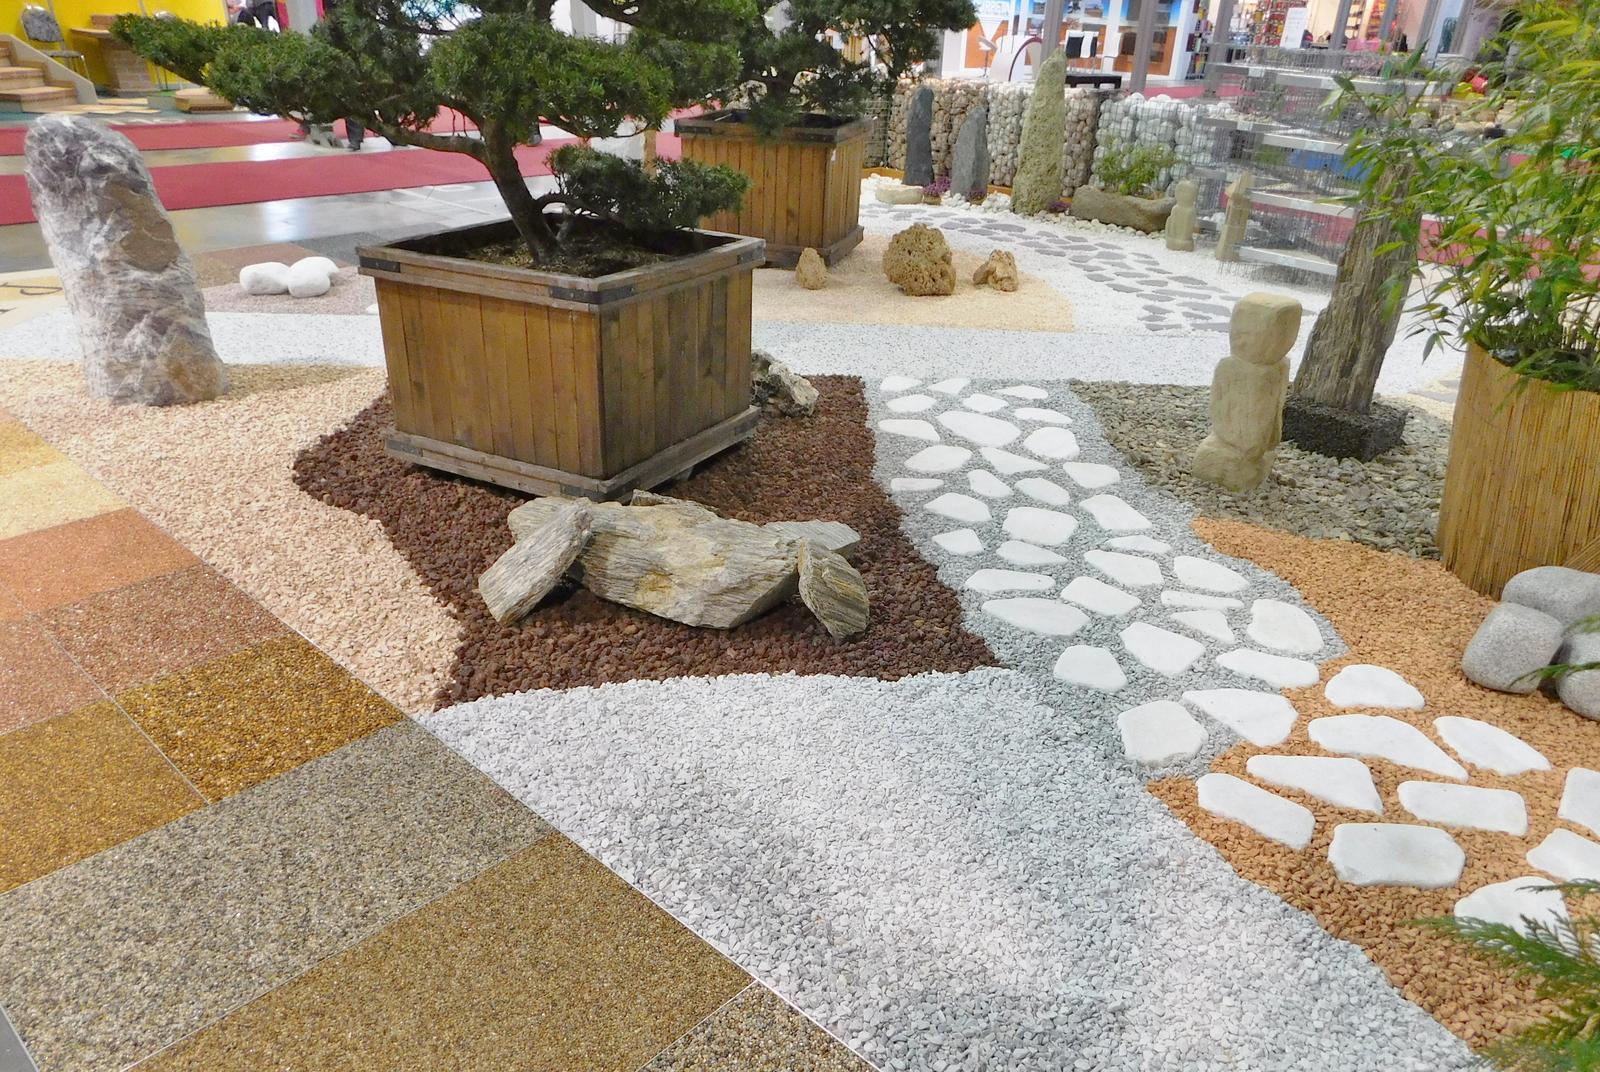 Kamínkový chodníček CHS EPODUR STONE - možnosti desénů a tvarů - Přírodní materiály, gabionový plot, kamení a kamínky...design pro vaši zahradu